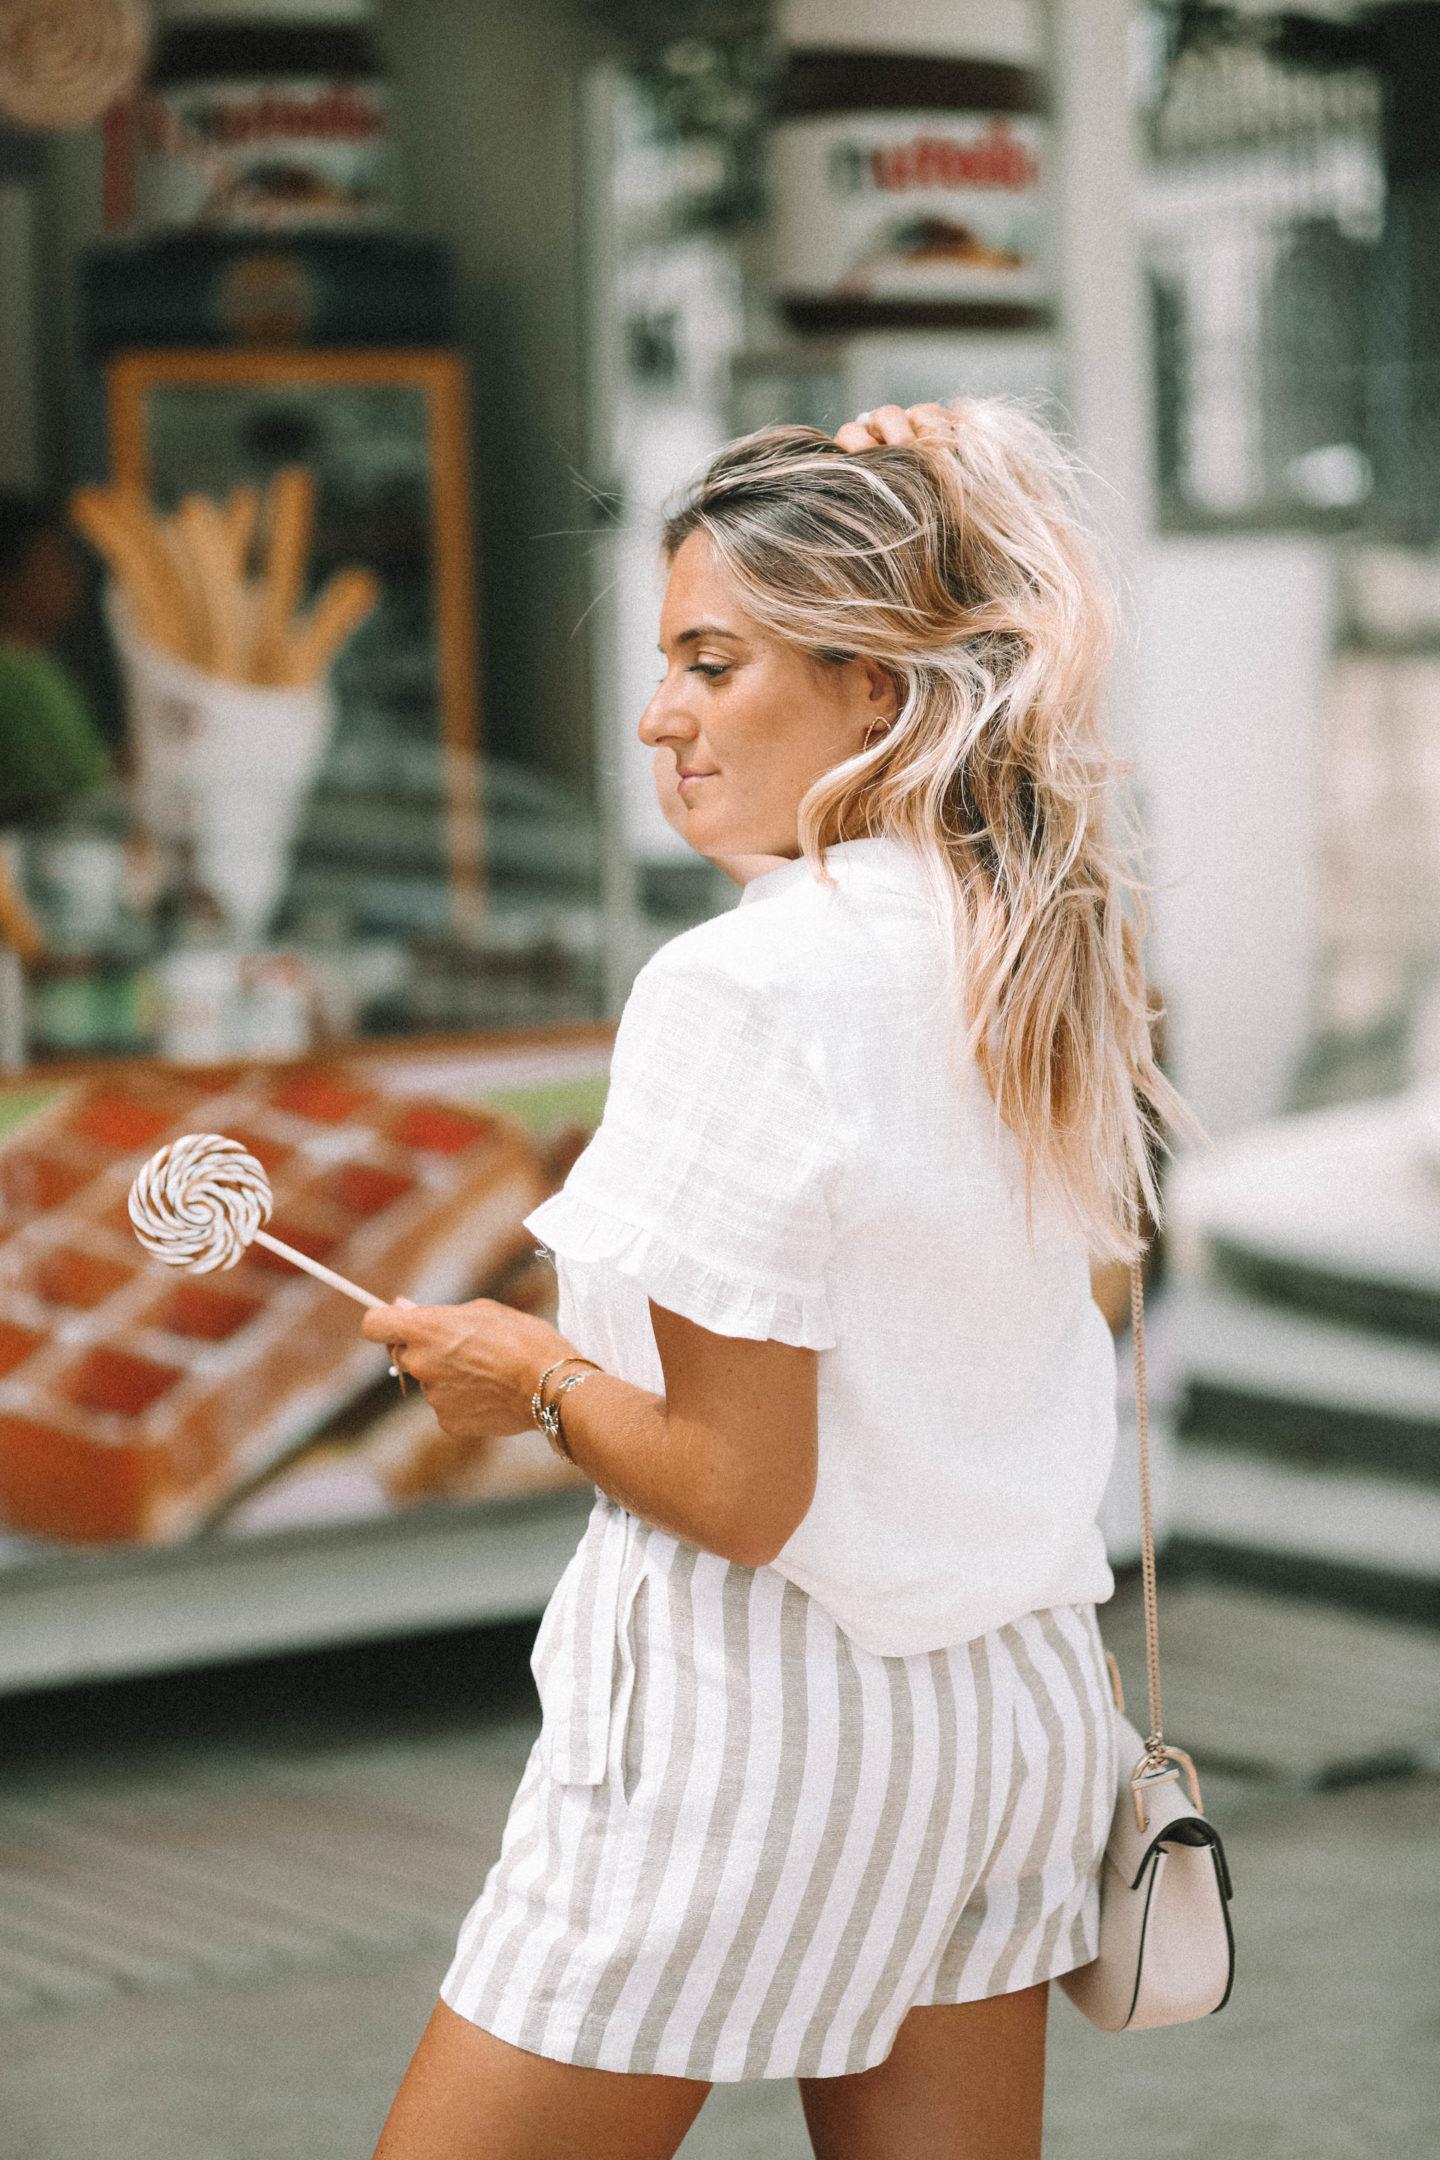 Blouse Balzac Paris - Blondie Baby blog mode et voyages Paris